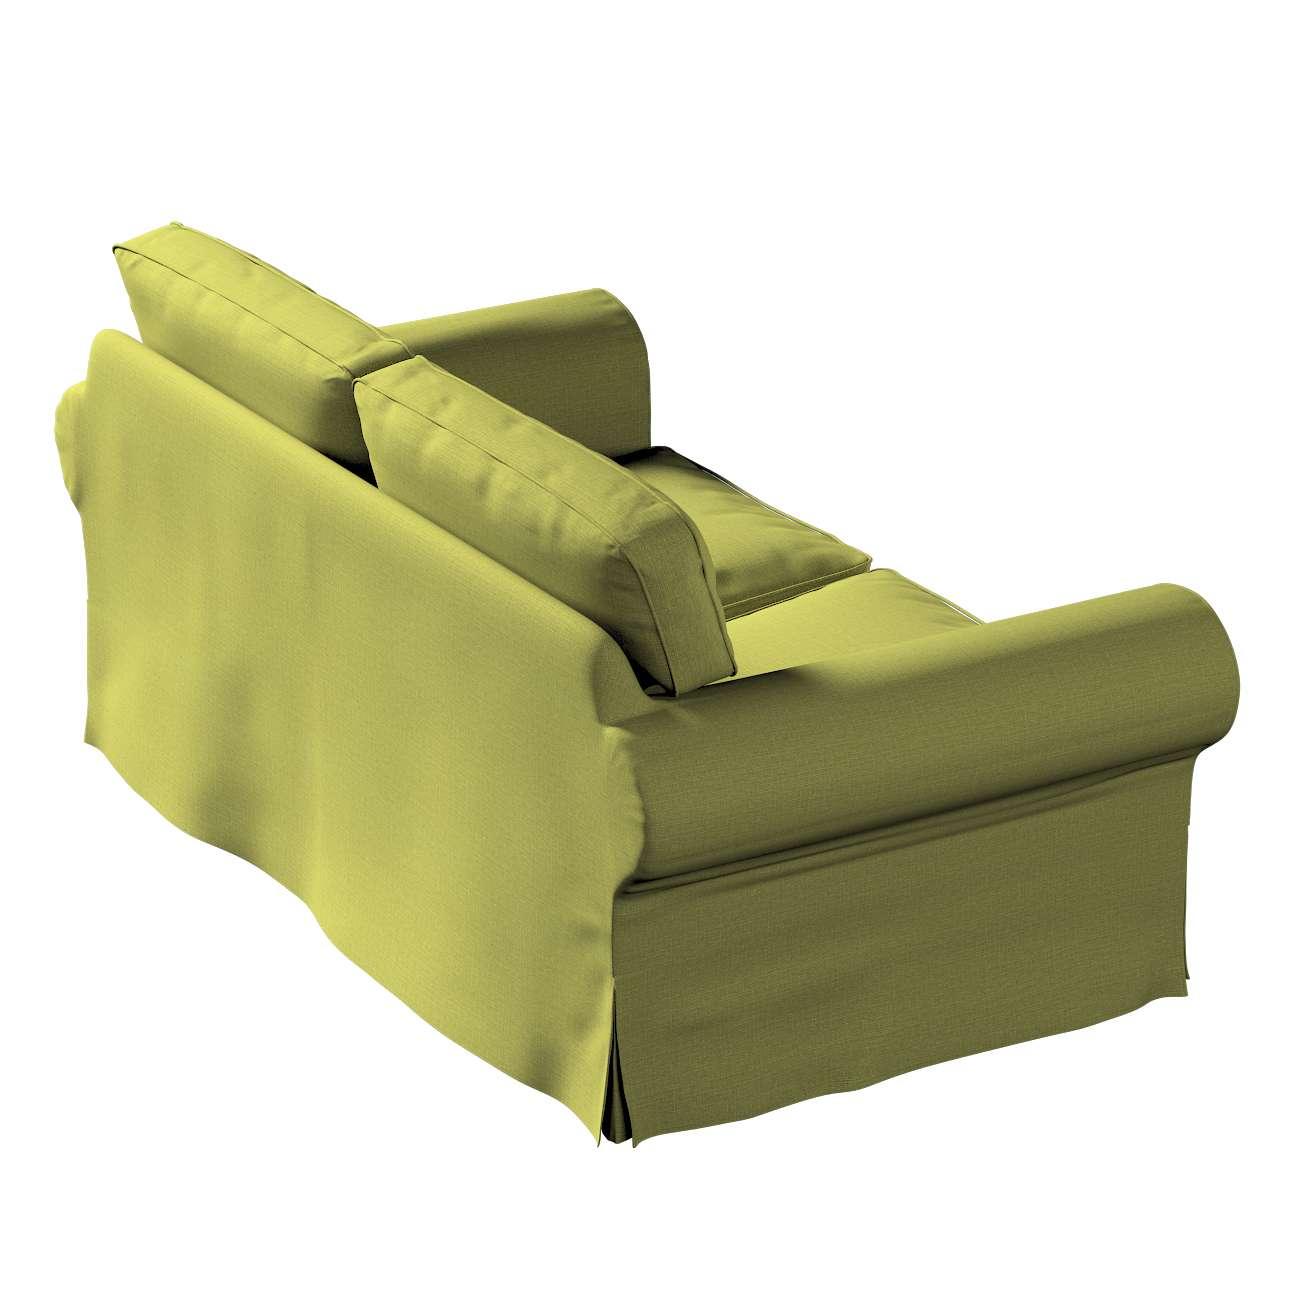 Pokrowiec na sofę Ektorp 2-osobową rozkładaną, model po 2012 w kolekcji Living II, tkanina: 161-13